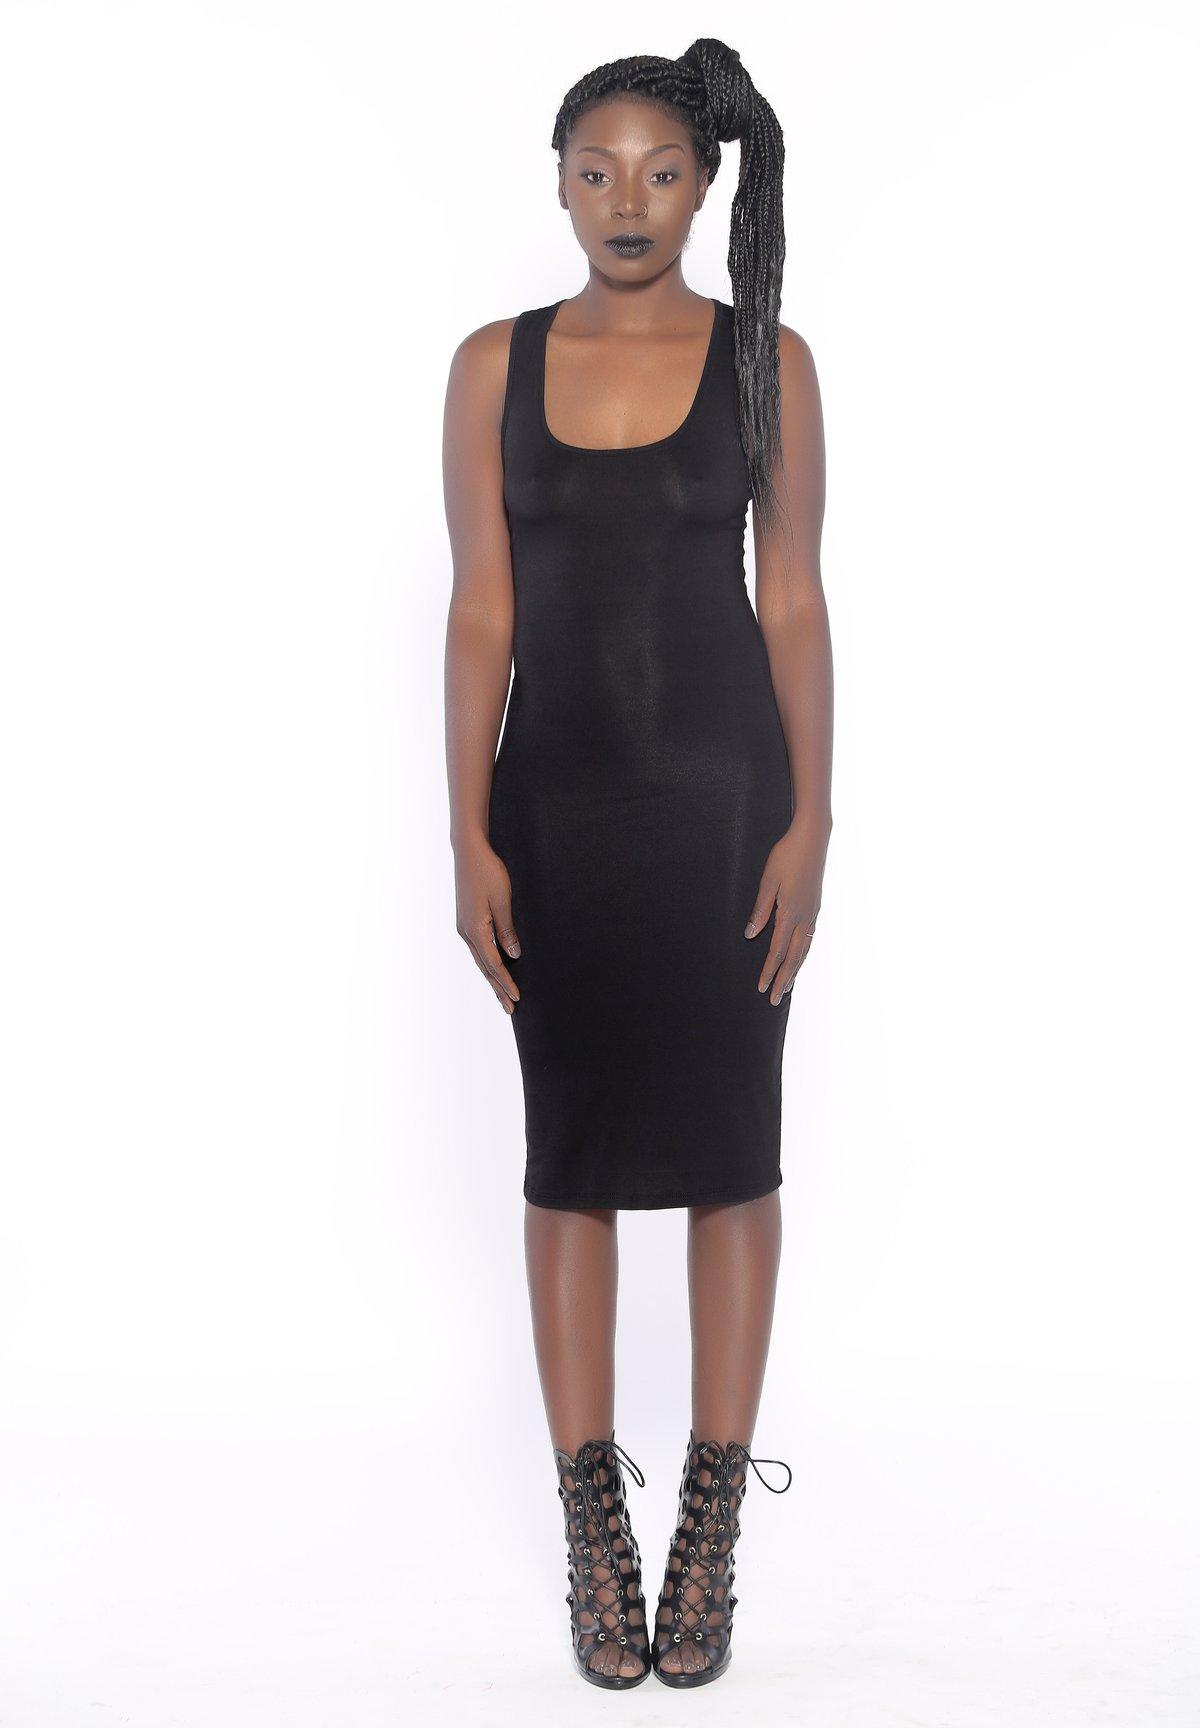 Image of Barely Basic Racerback Midi Dress (Black)